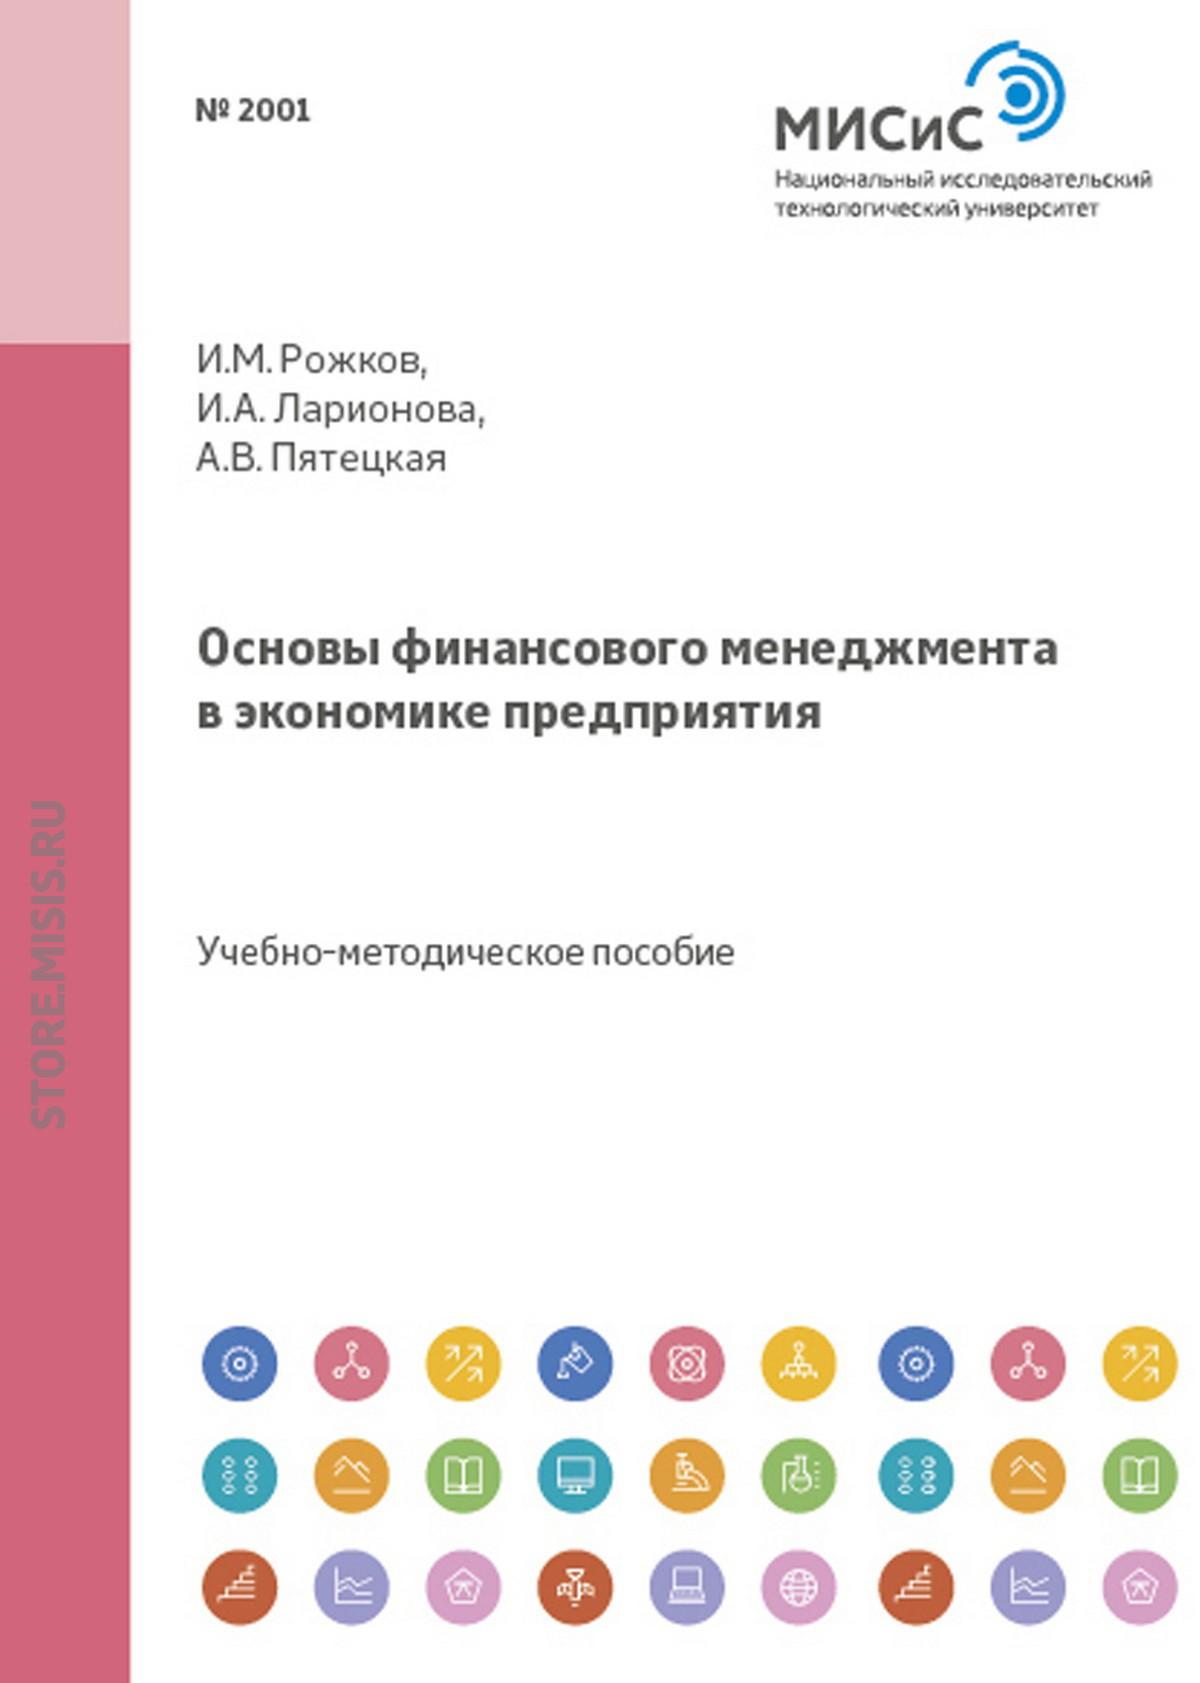 И. М. Рожков Основы финансового менеджмента в экономике предприятия